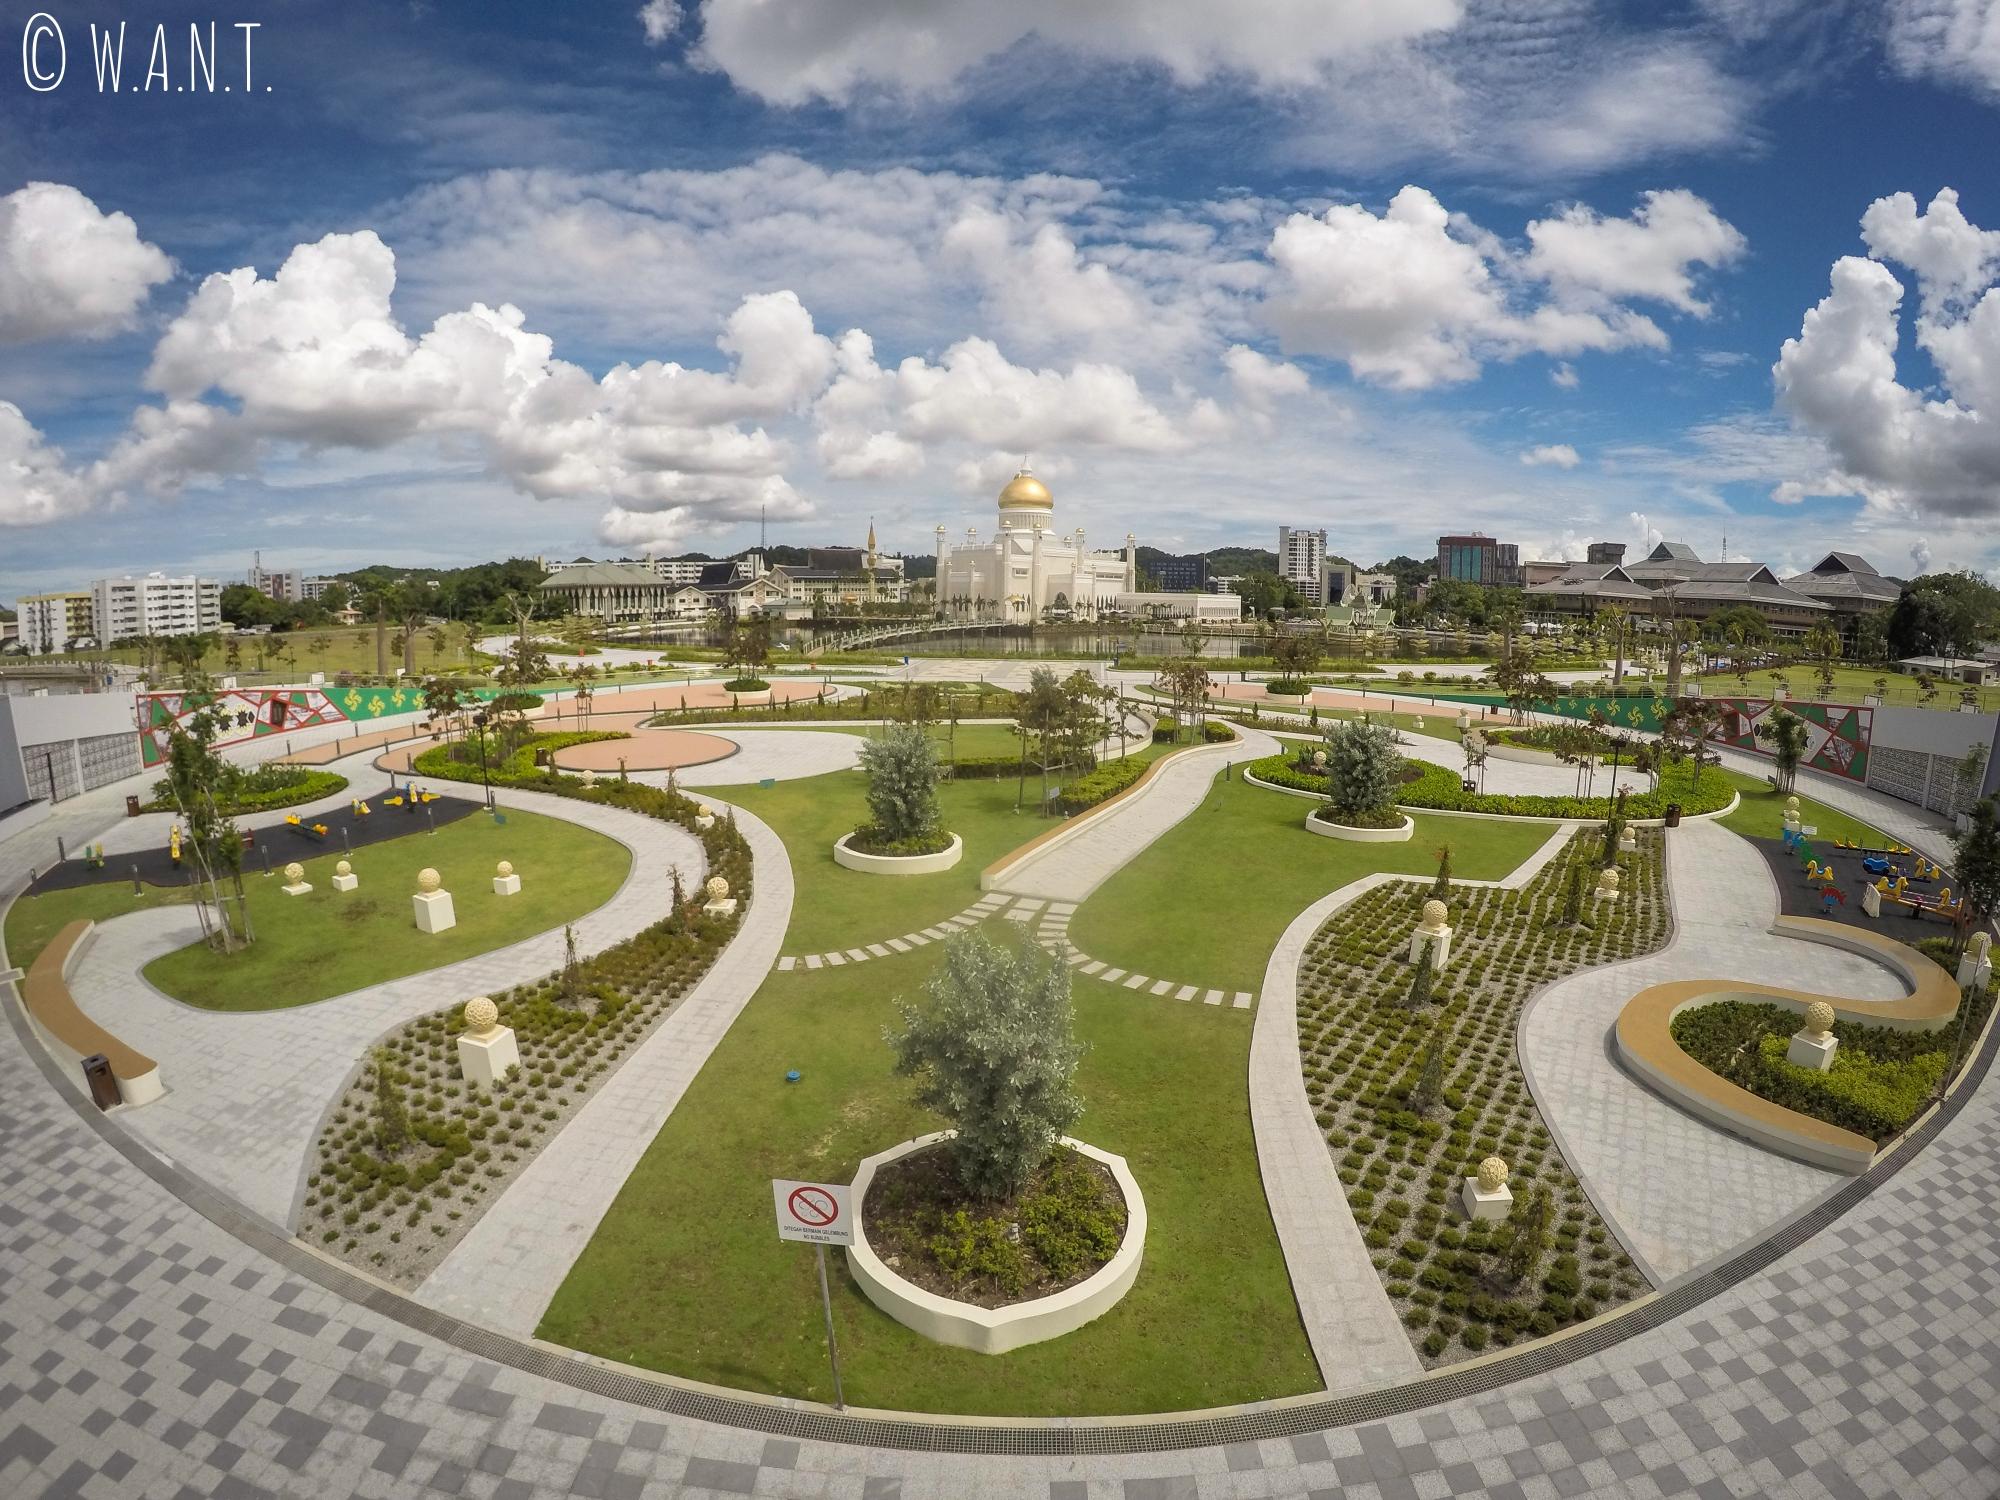 Parc Taman Mahkota Jubli Emas de Bandar Seri Begawan